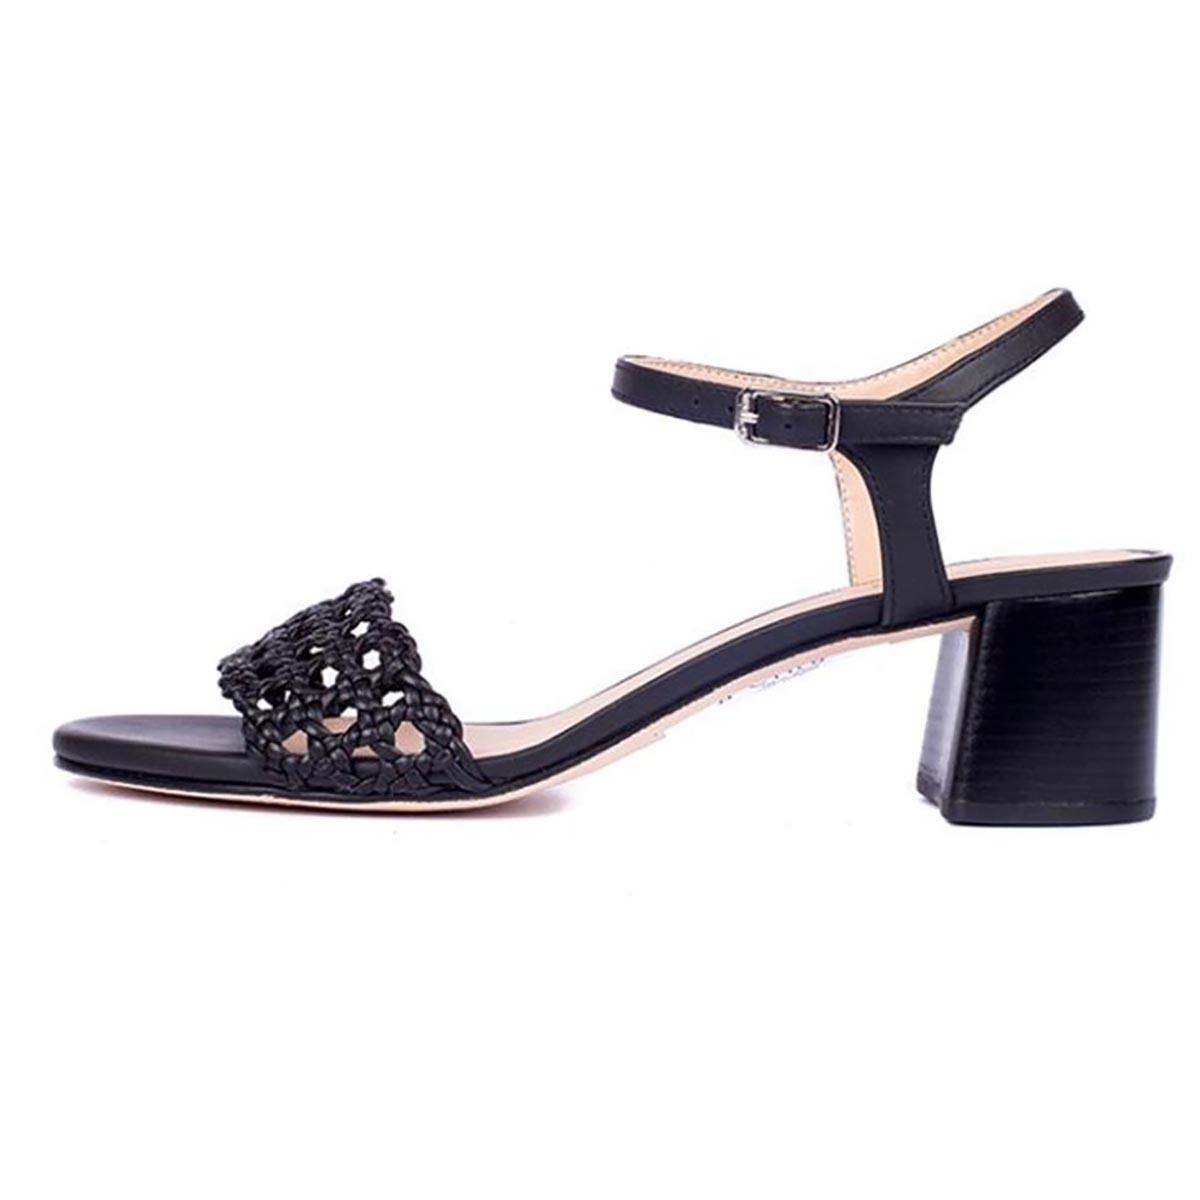 Unisa - Gita Black Mid Heel Sandal